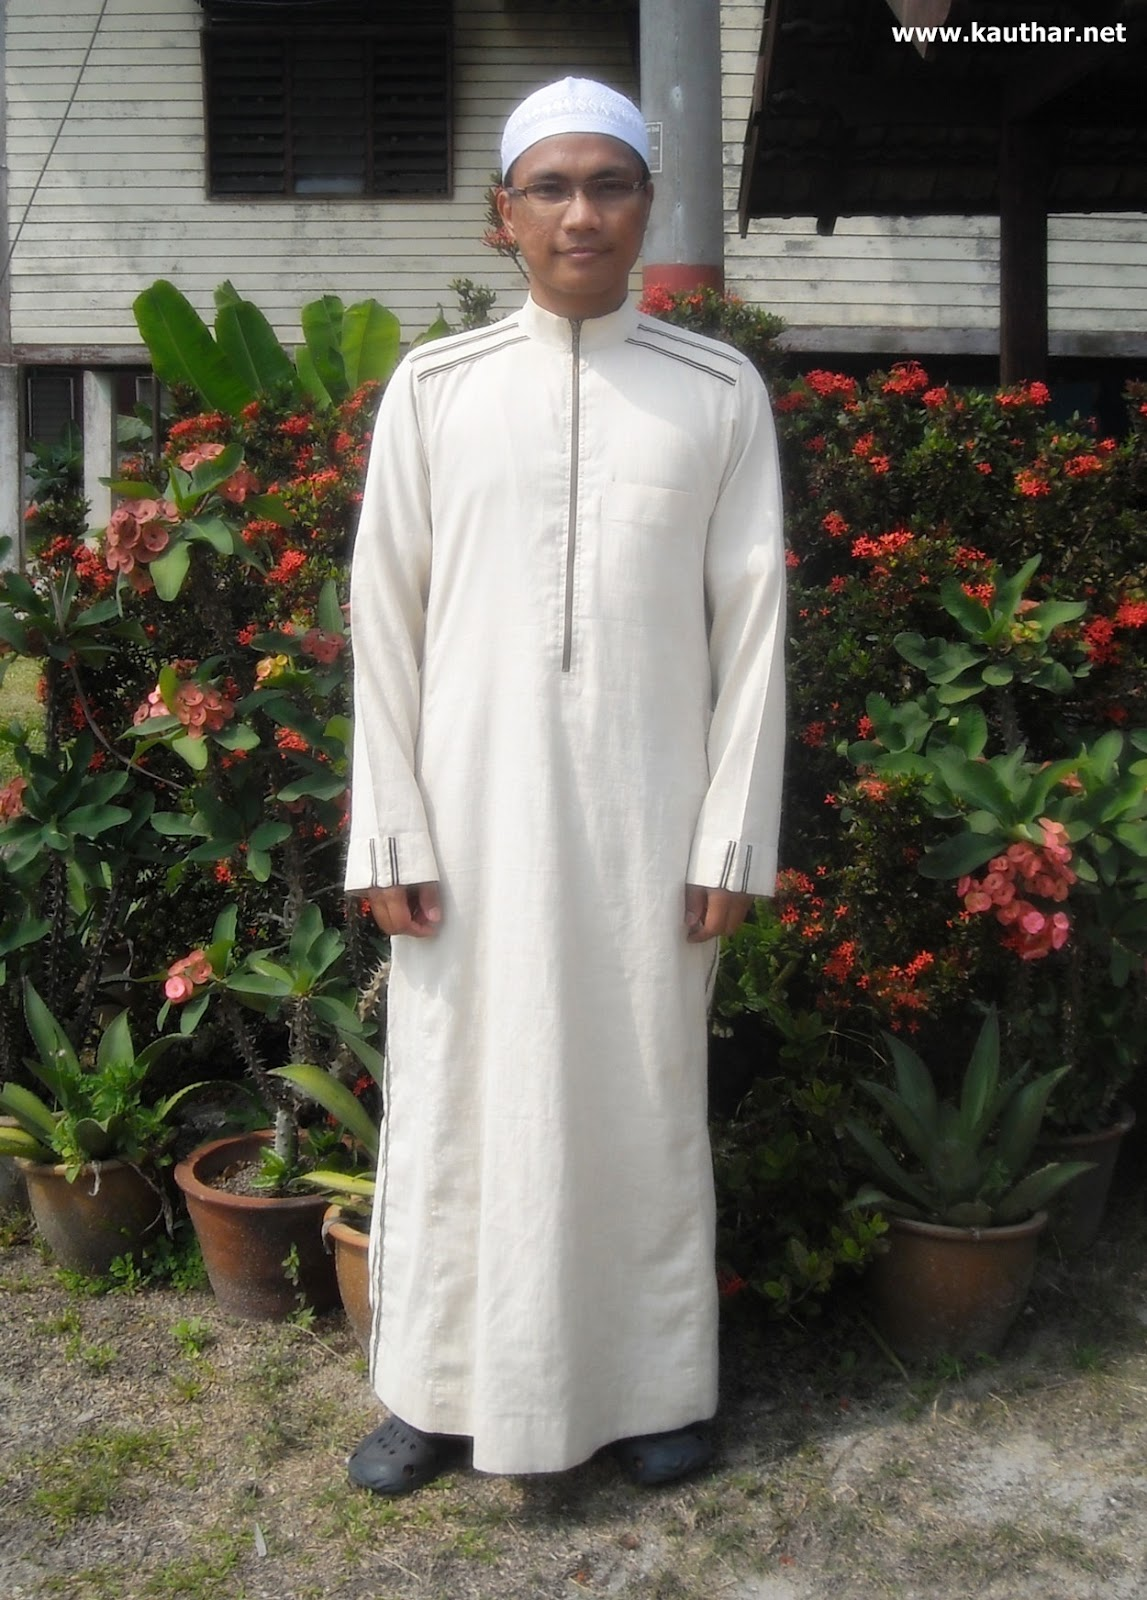 mahmd aidilfitri 2012 Salam Aidilfitri 1433H / 2012